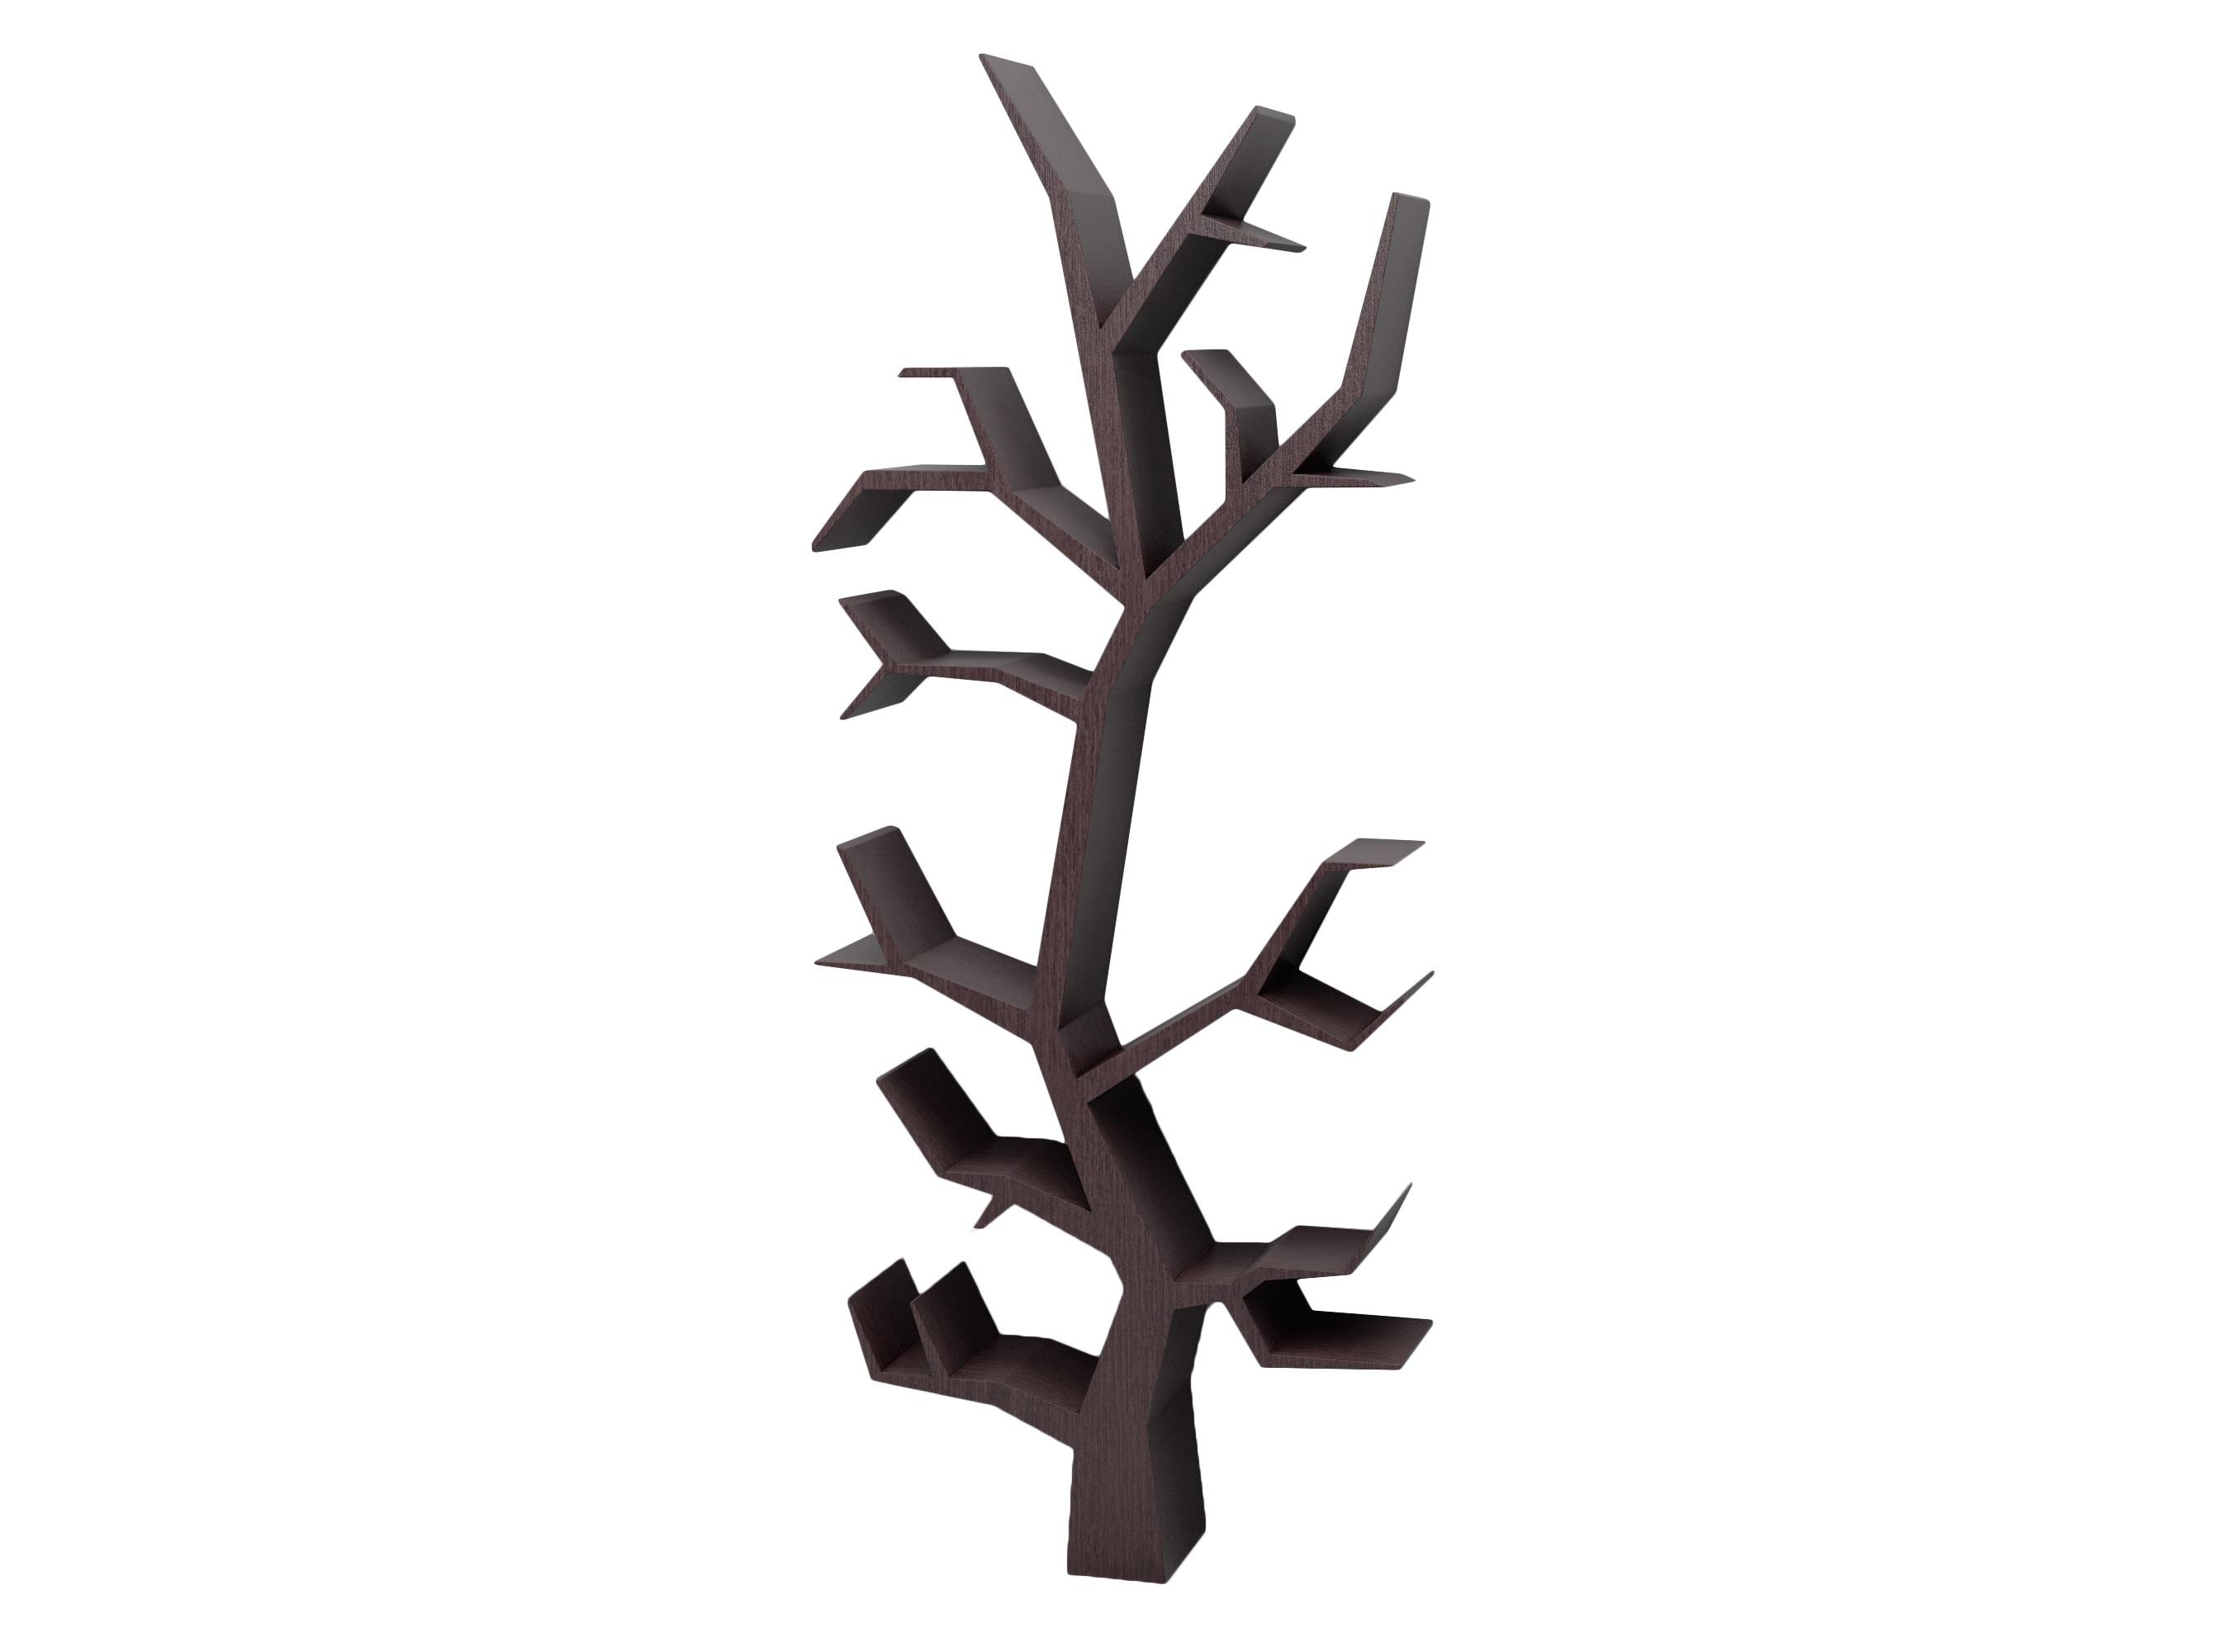 Стеллаж ДеревоСтеллажи и этажерки<br>Креативный стеллаж в виде дерева удобен для хранения книг и различных мелочей&amp;amp;nbsp;&amp;lt;div&amp;gt;&amp;lt;br&amp;gt;&amp;lt;/div&amp;gt;&amp;lt;div&amp;gt;Материал: МДФ, шпон&amp;amp;nbsp;&amp;lt;/div&amp;gt;<br><br>Material: МДФ<br>Ширина см: 89<br>Высота см: 229<br>Глубина см: 24